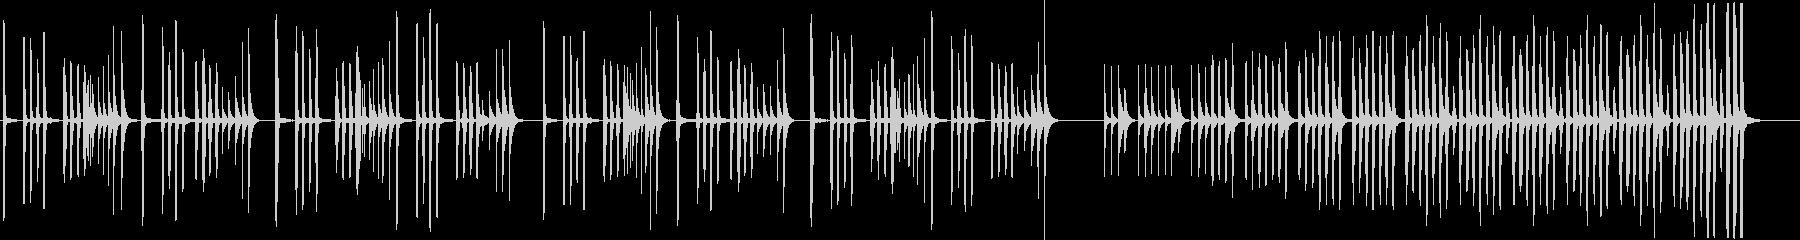 なぞなぞ・いたずらな木管楽器BGMの未再生の波形